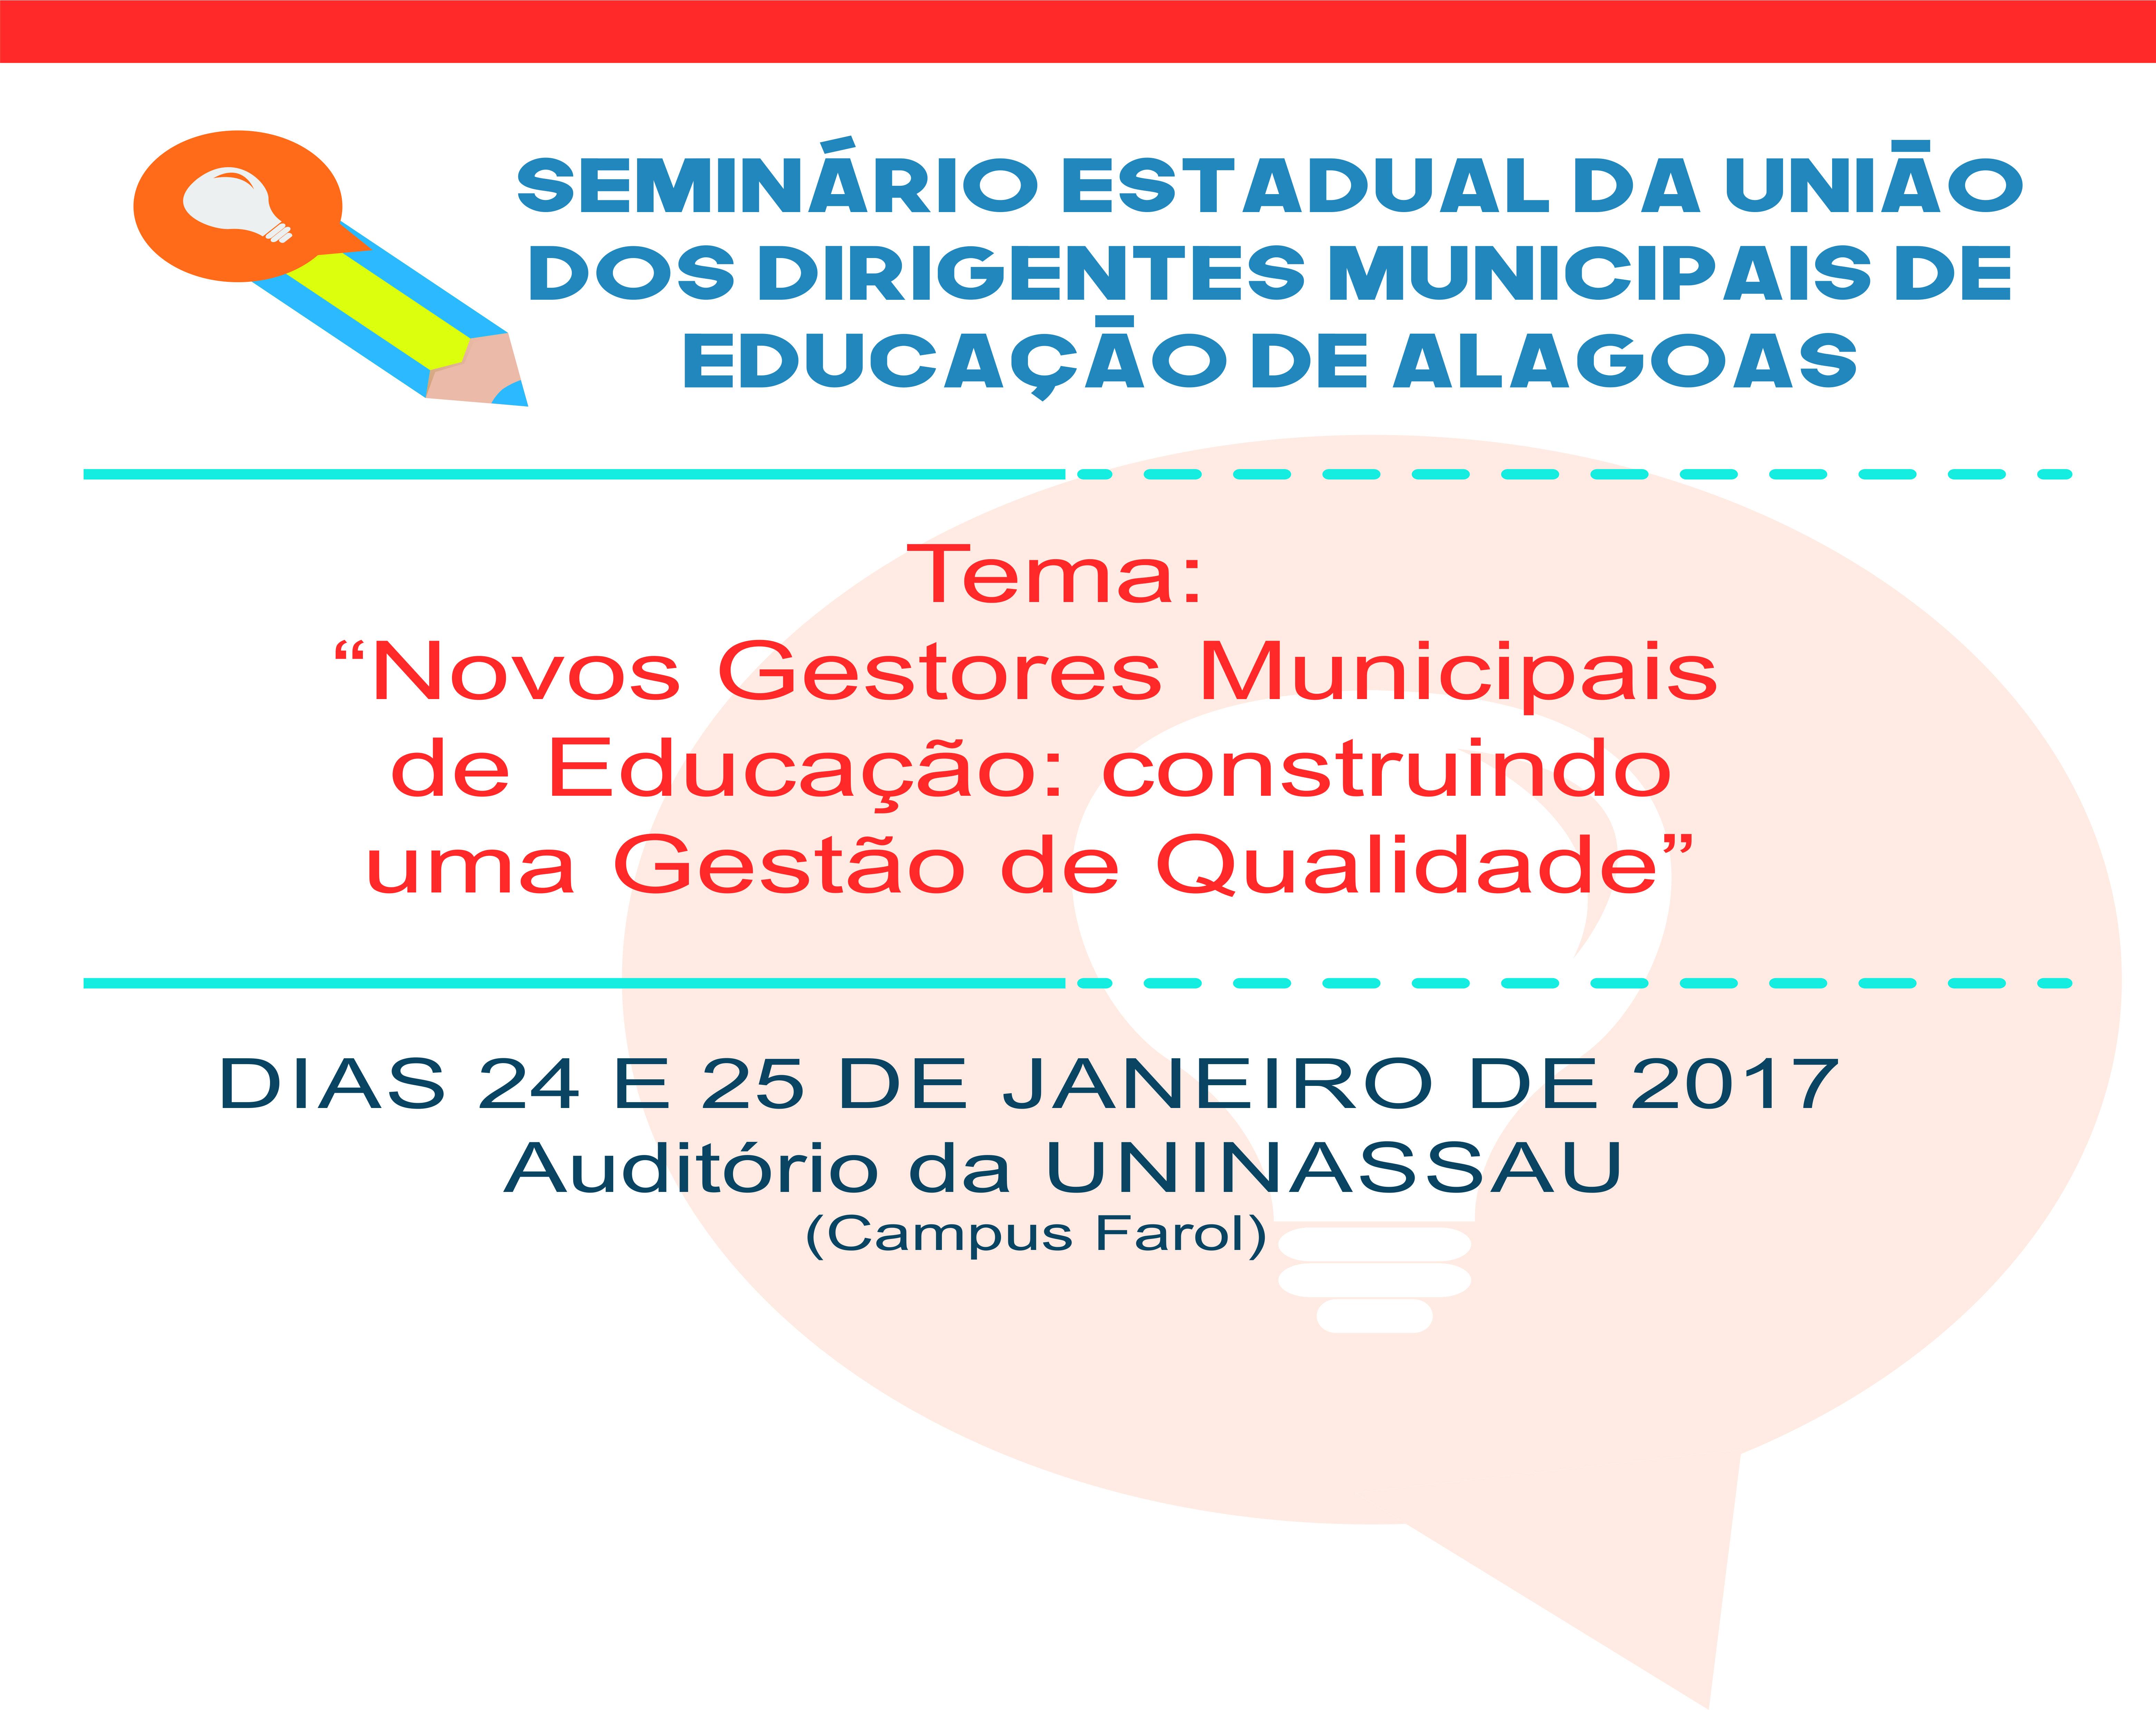 Undime/AL disponibiliza material do Seminário Estadual realizado nos dias 24 e 25 de janeiro de 2017.